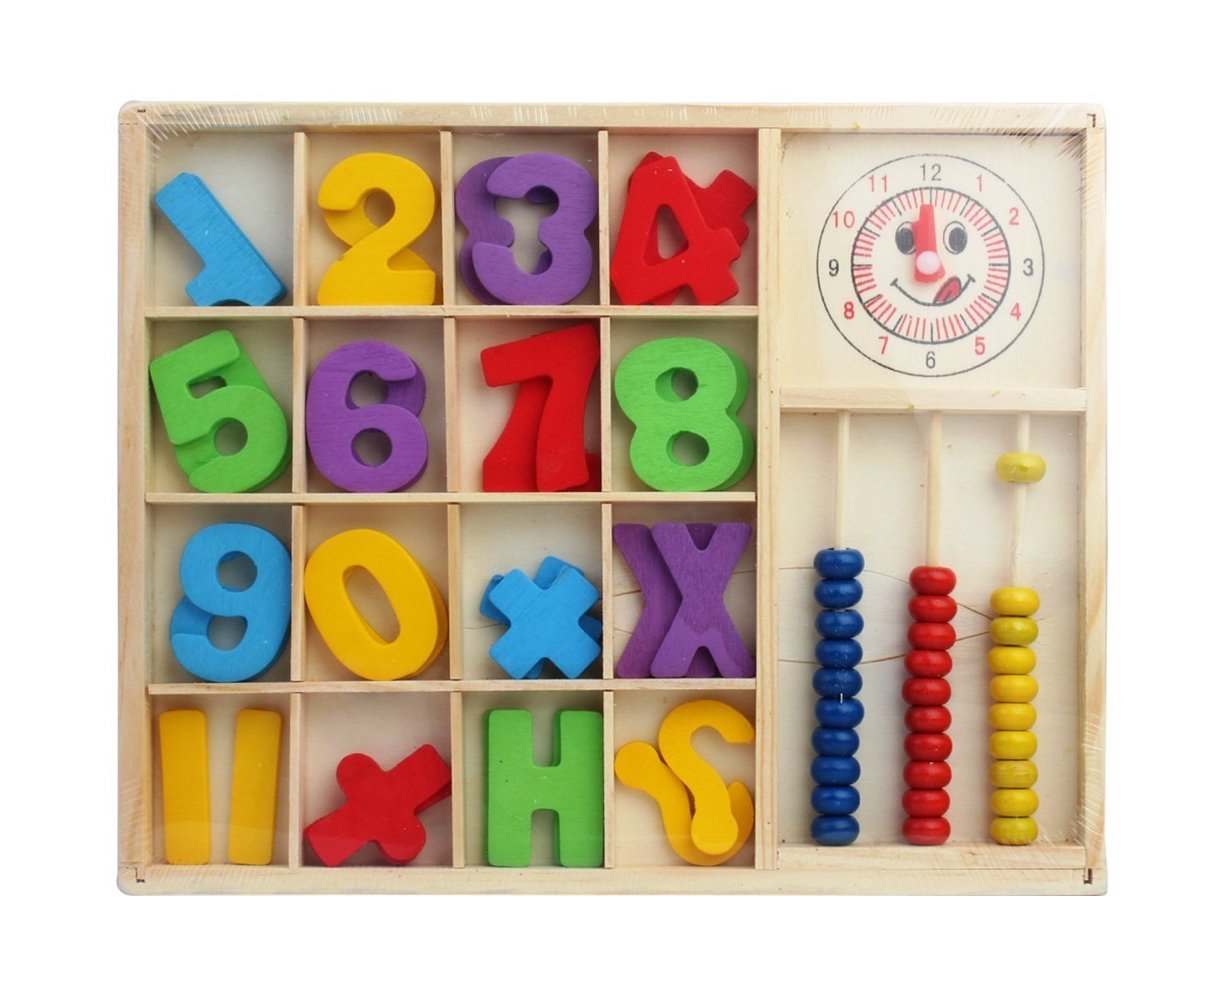 Nouveau Montessori mathématiques coloré